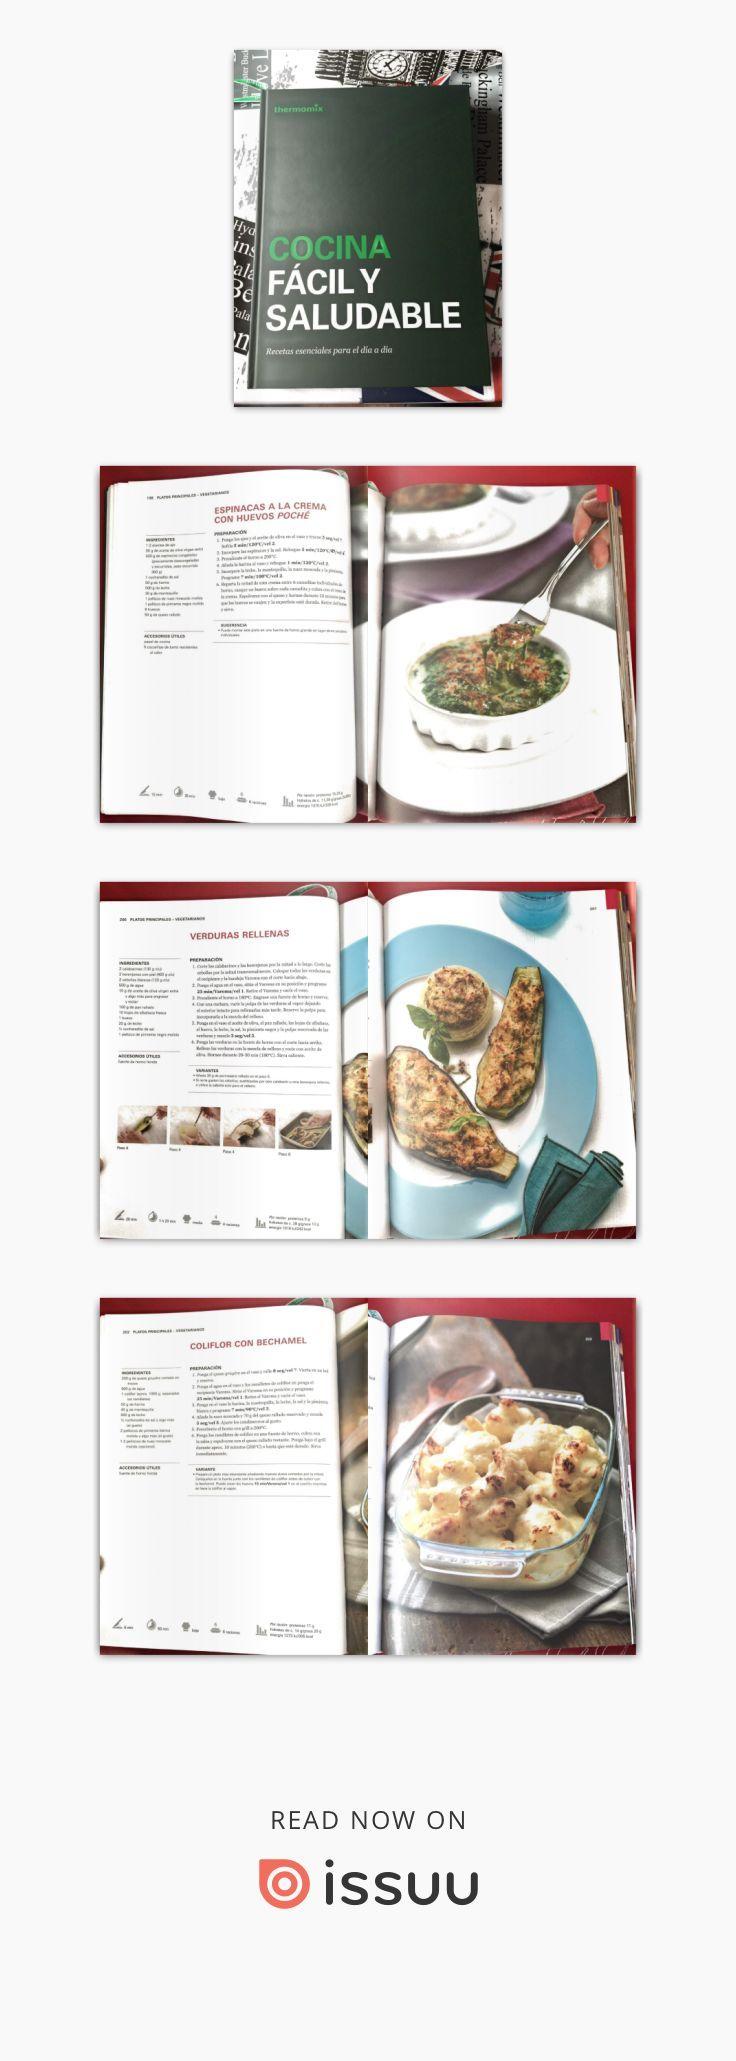 Cocina Fácil Y Saludable Thermomix Digital Cocina Facil Y Saludable Cocina Fácil Thermomix